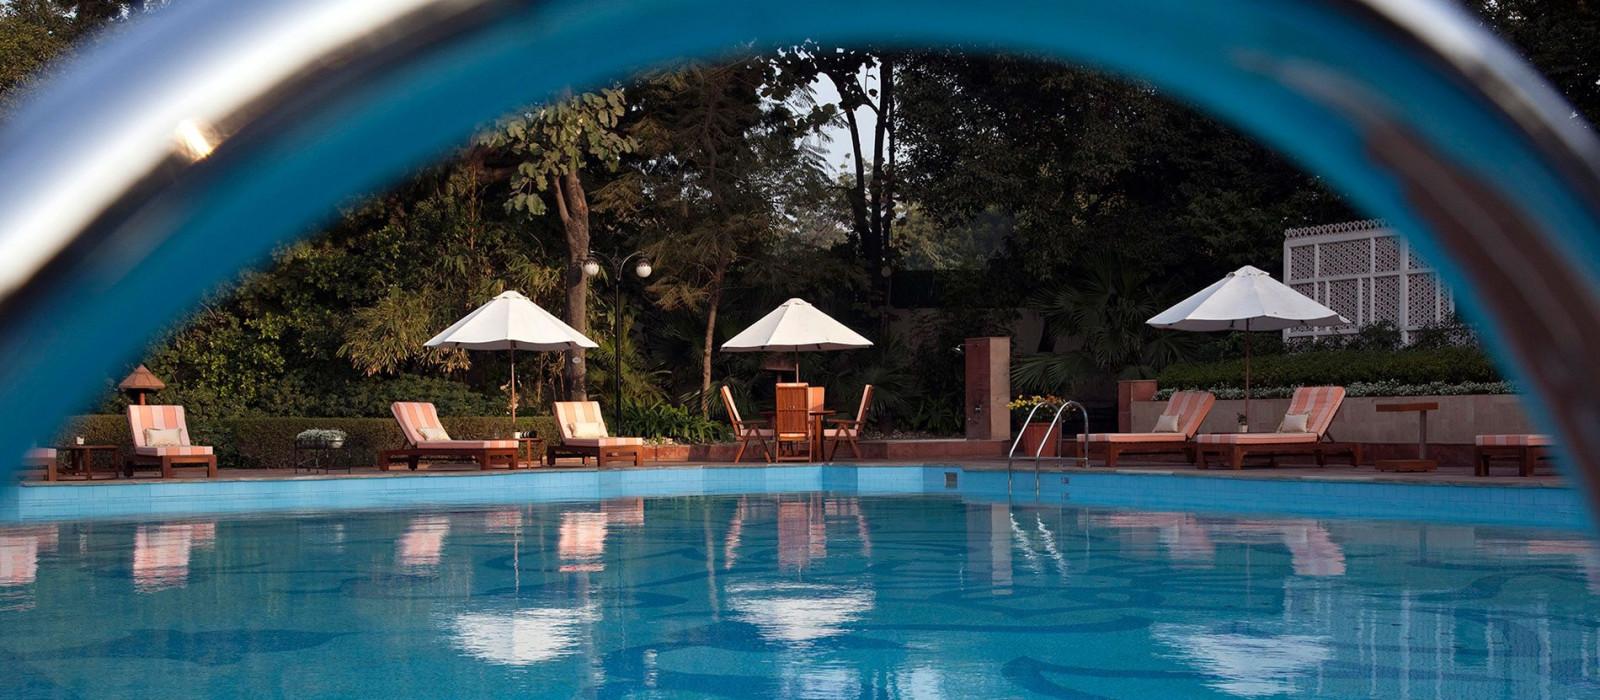 Hotel Taj Mahal  New Delhi North India